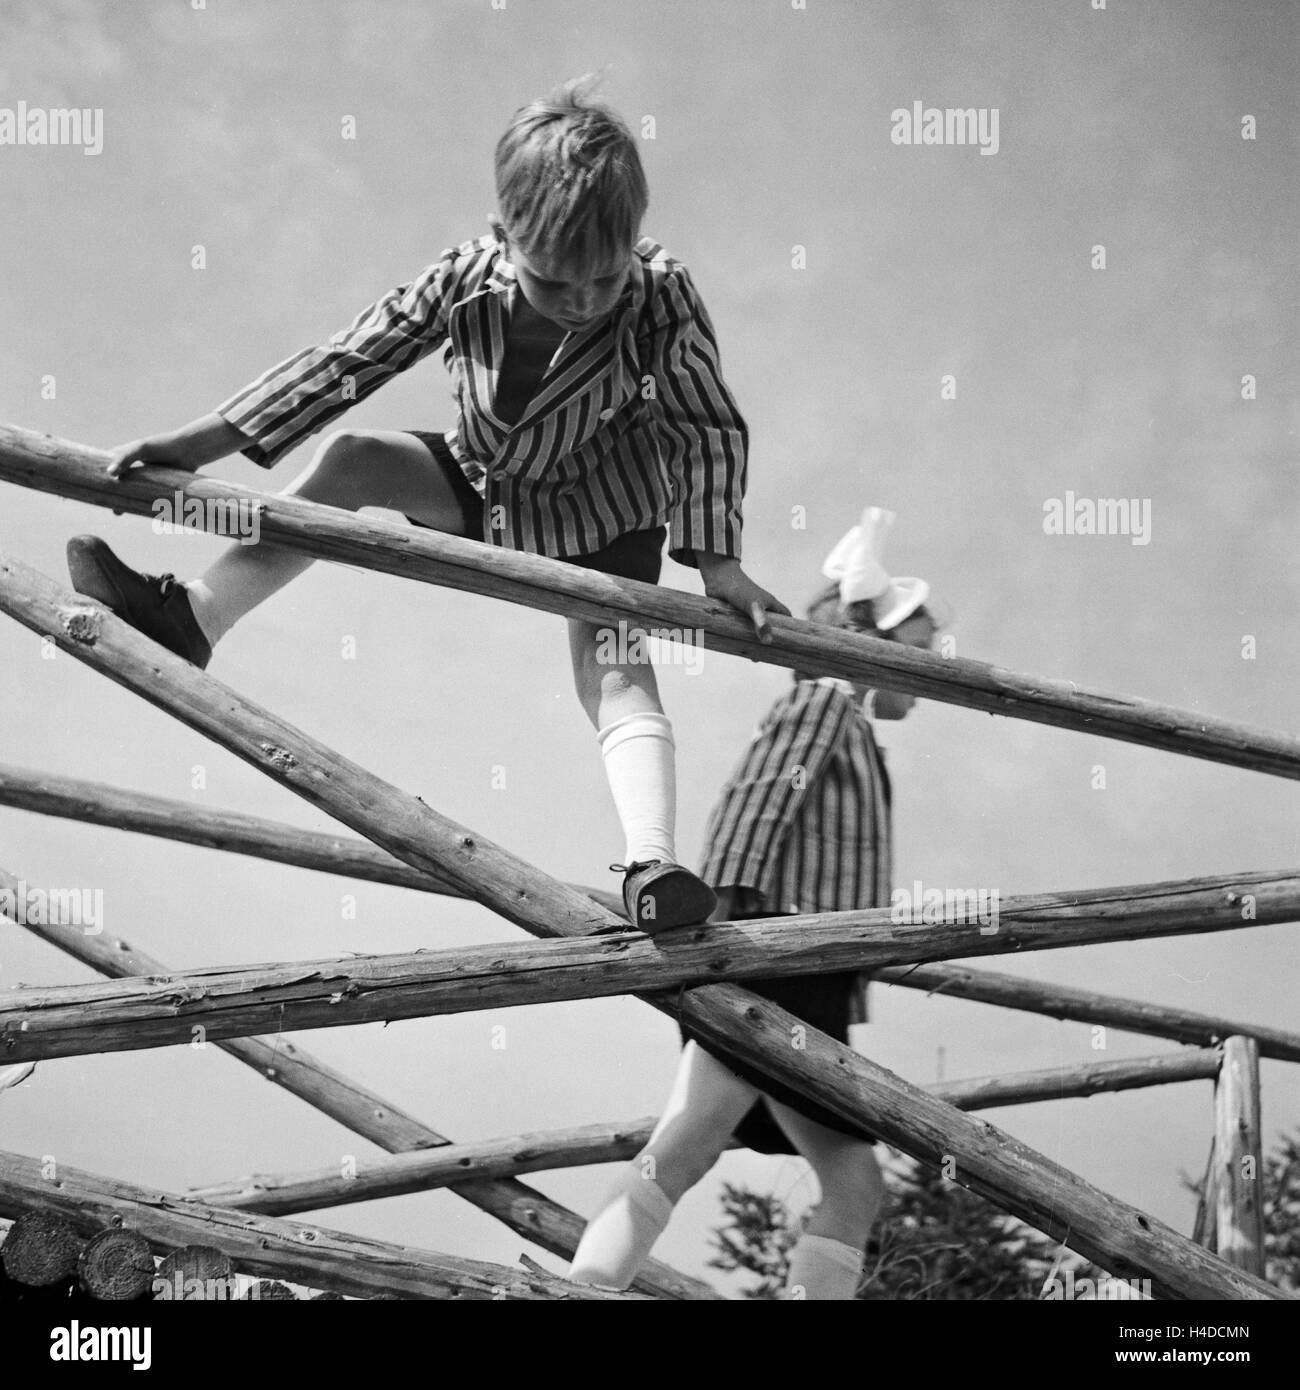 Kinder Spielen Und Klettern Auf Einem Holzgerüst in Deutschland, 1930er Jahre. Kinder spielen und Klettern Stockbild